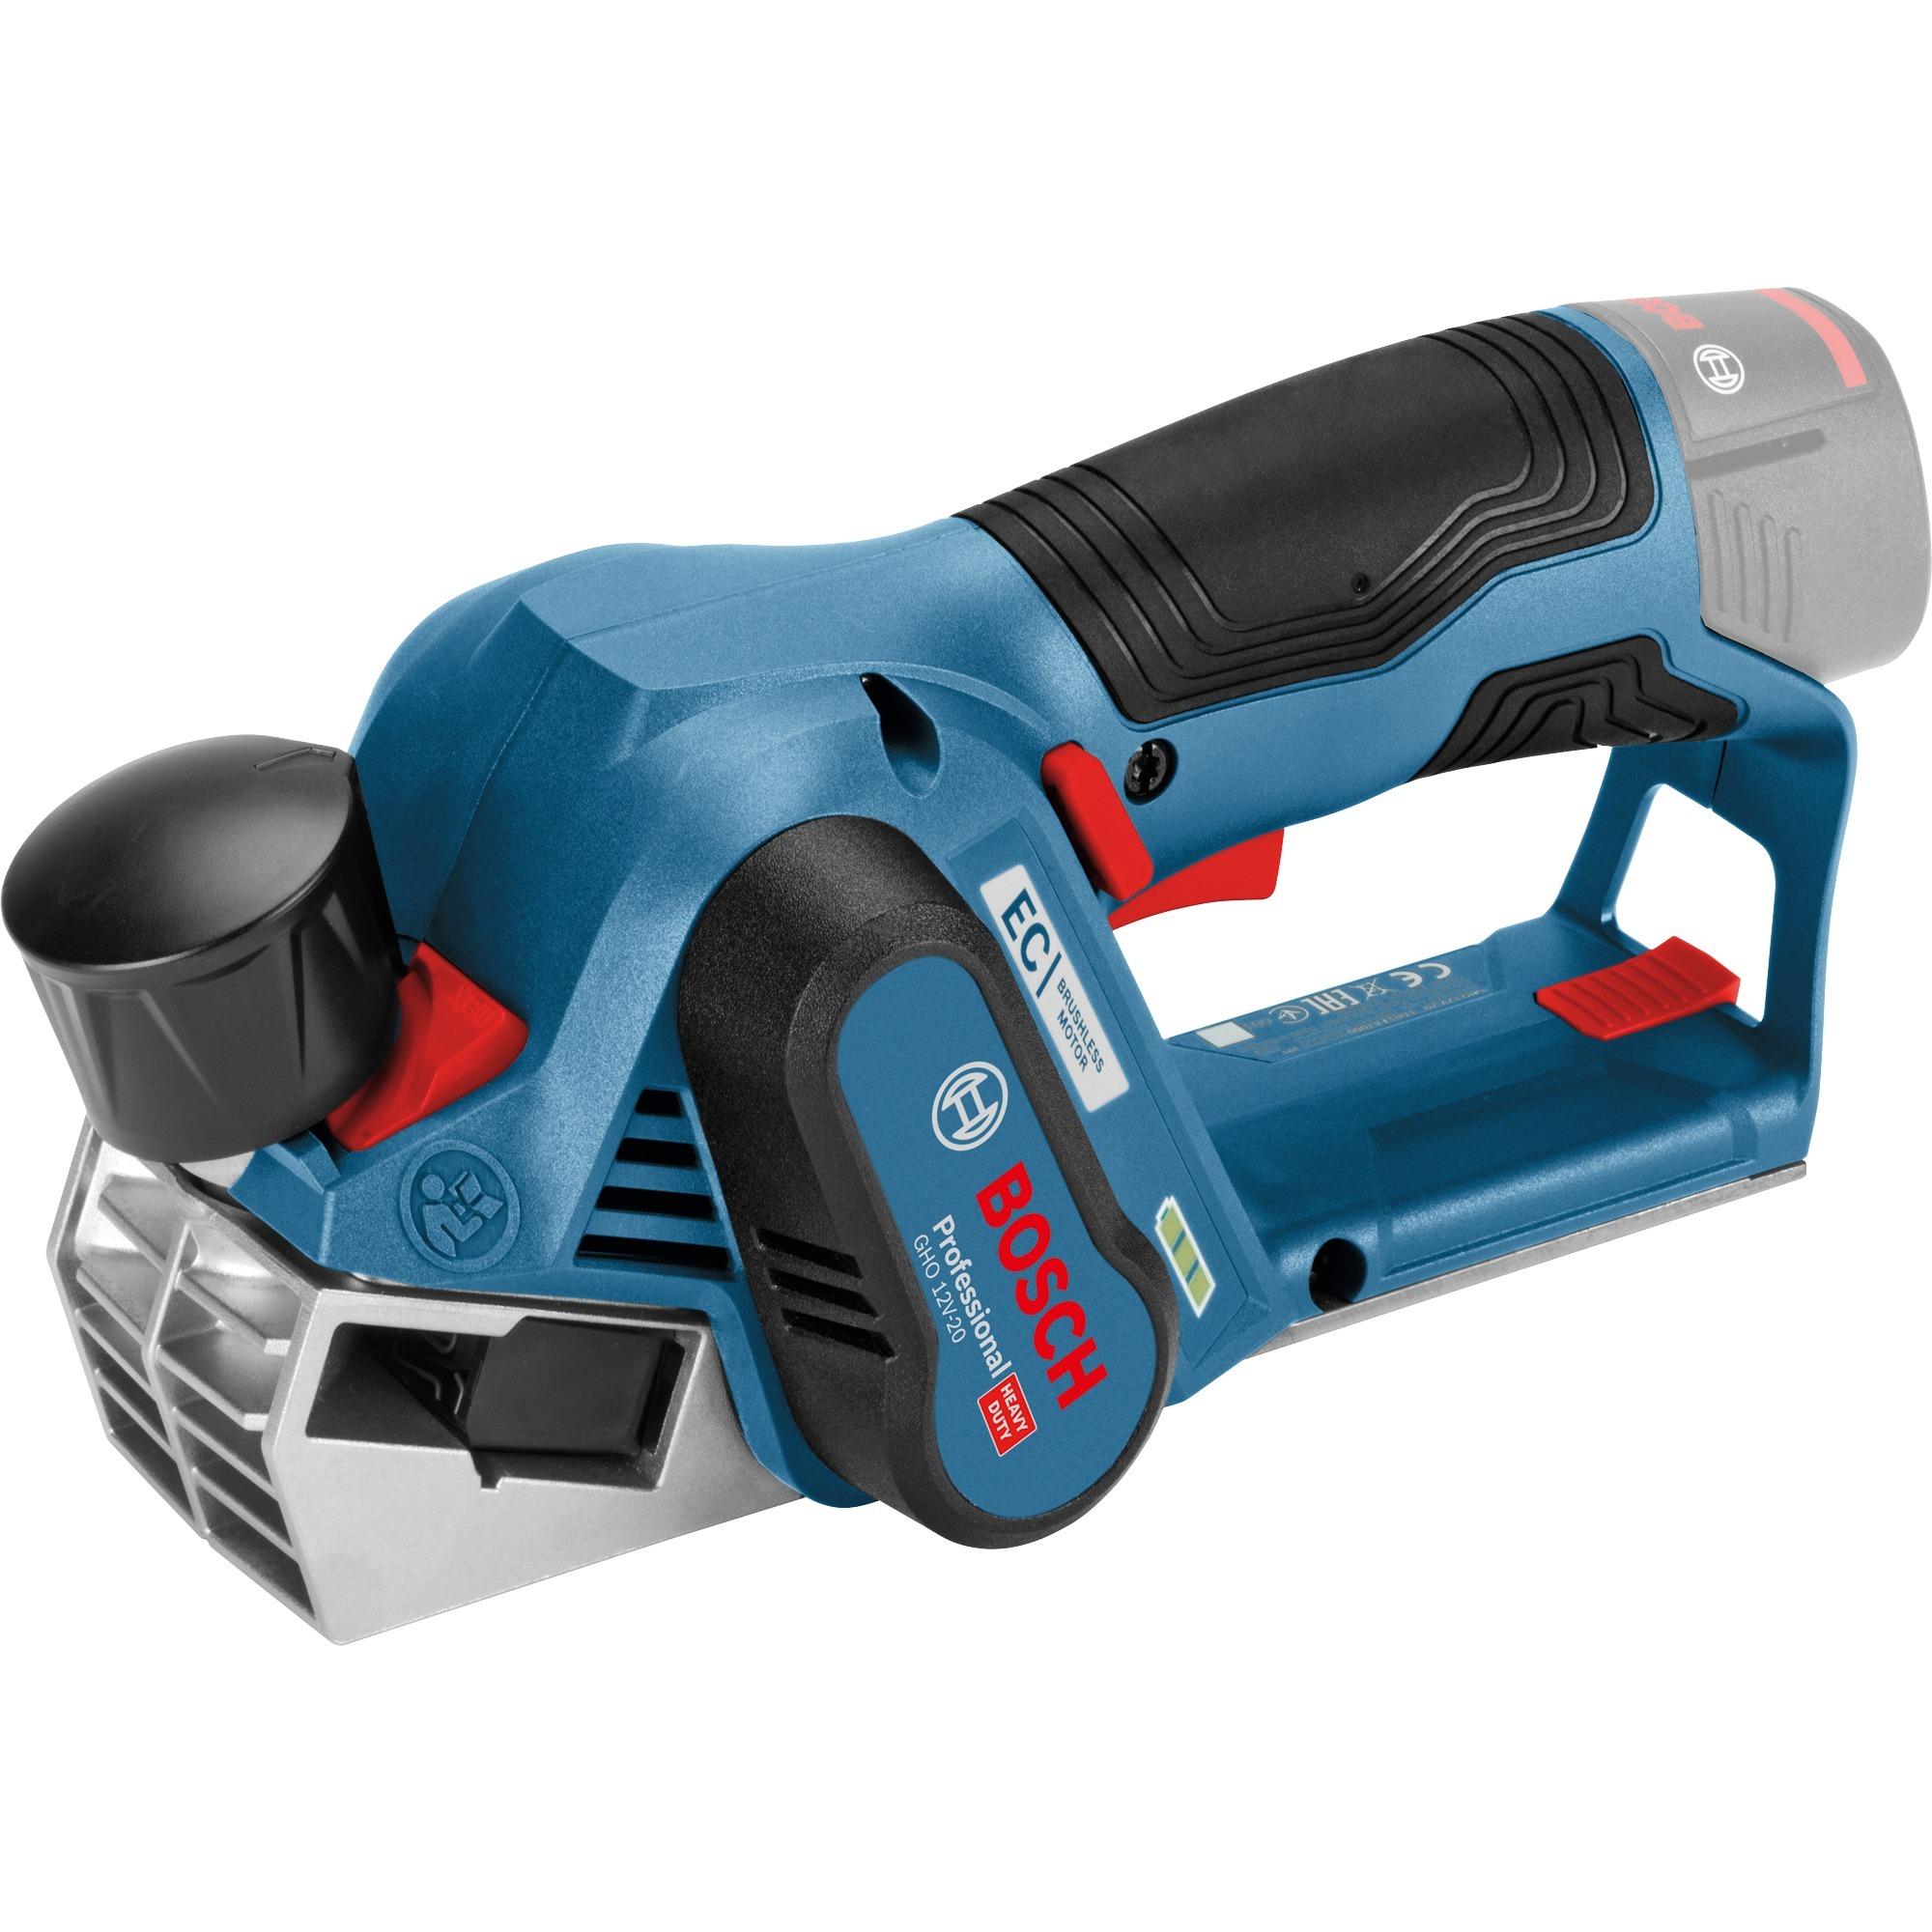 GHO 12V-20 Professional cepilladora eléctrica 14500 RPM Negro, Azul, Rojo, Cepillo eléctrico